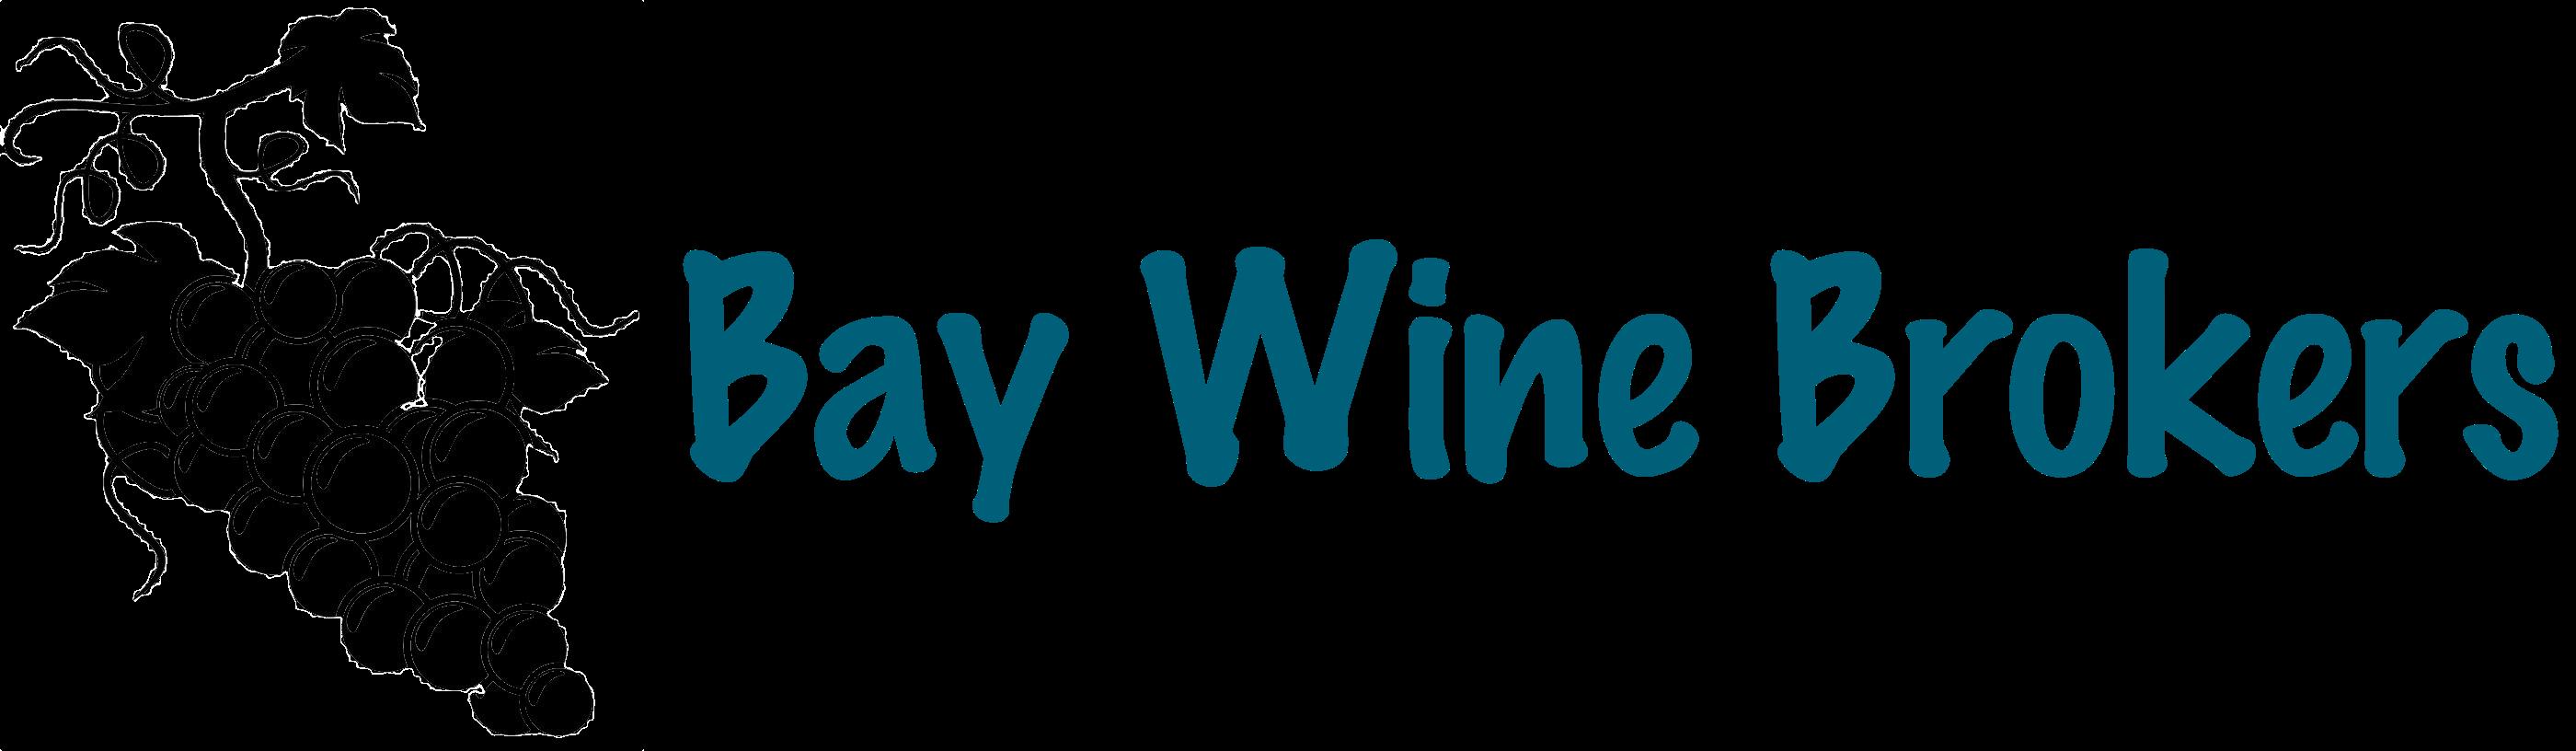 bay wine brokers